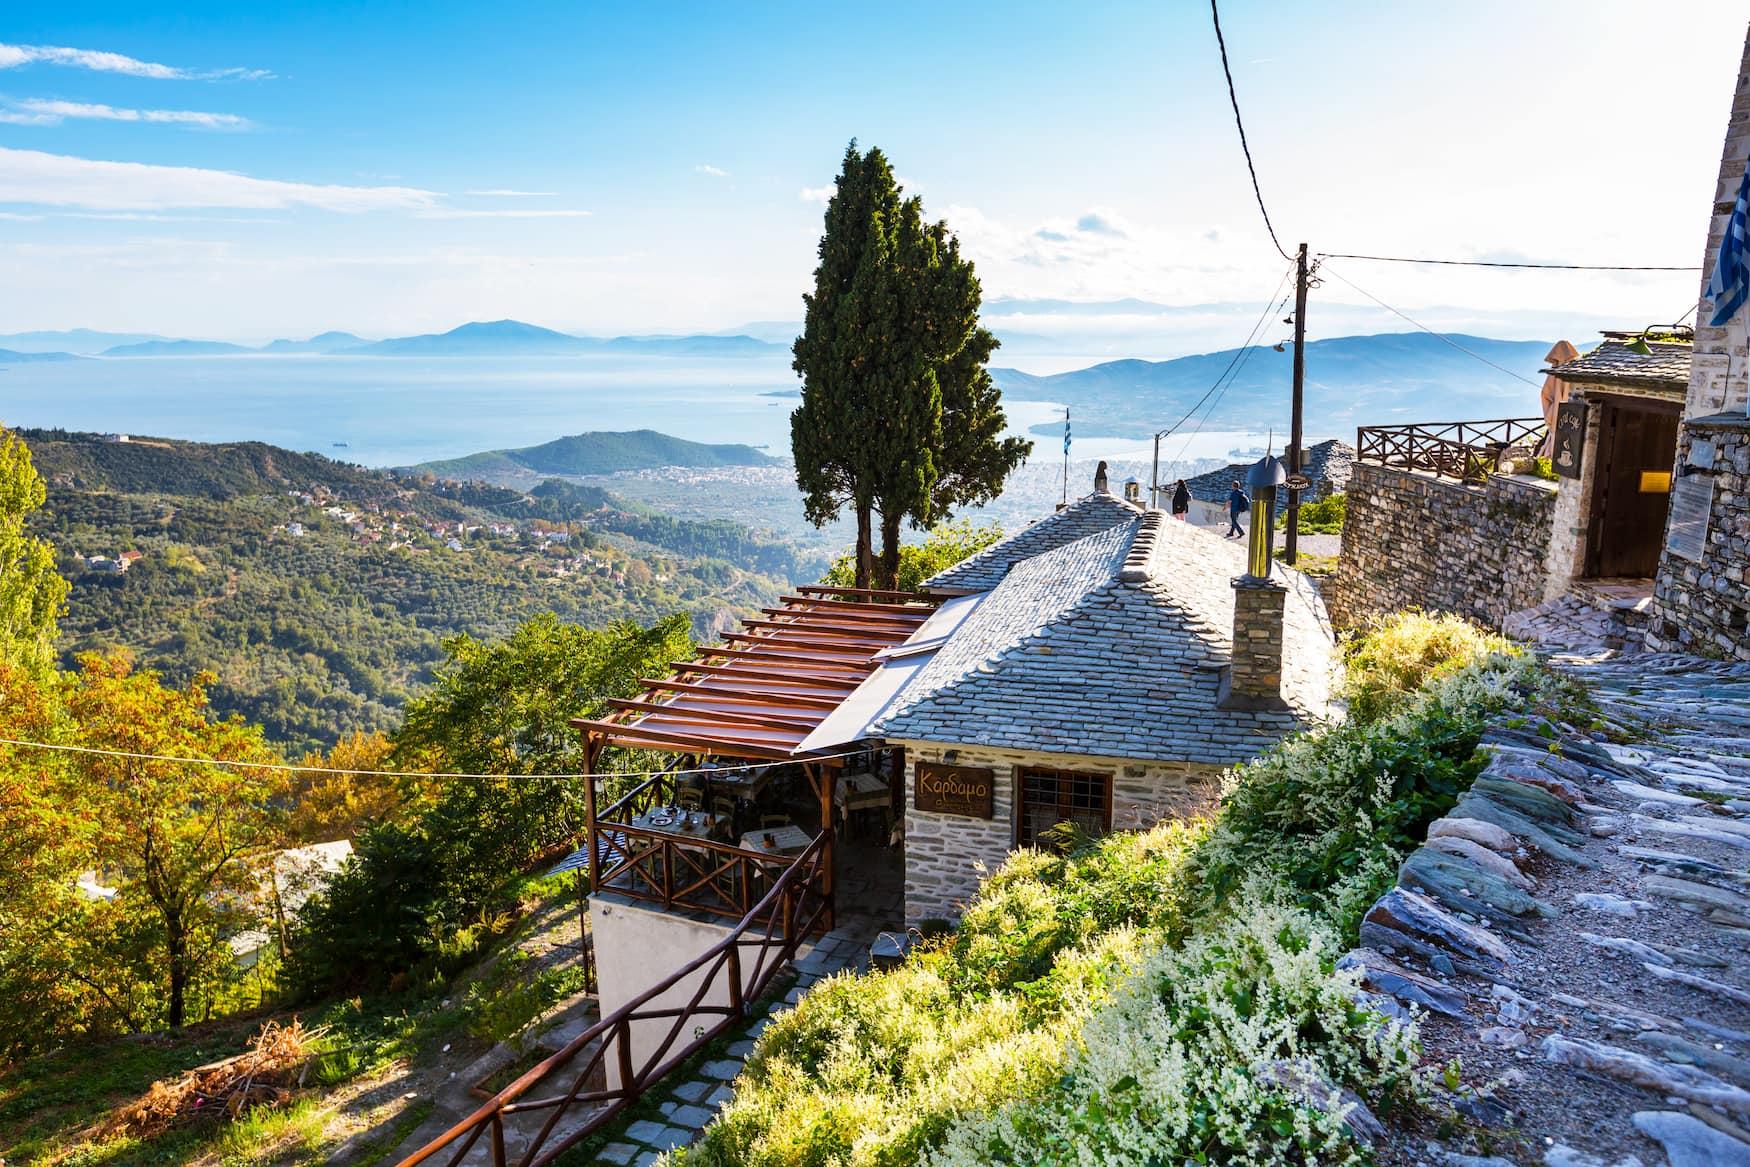 Das Dorf Makrinitsa auf der Insel Billion ist noch ein echter Geheimtipp in Griechenland